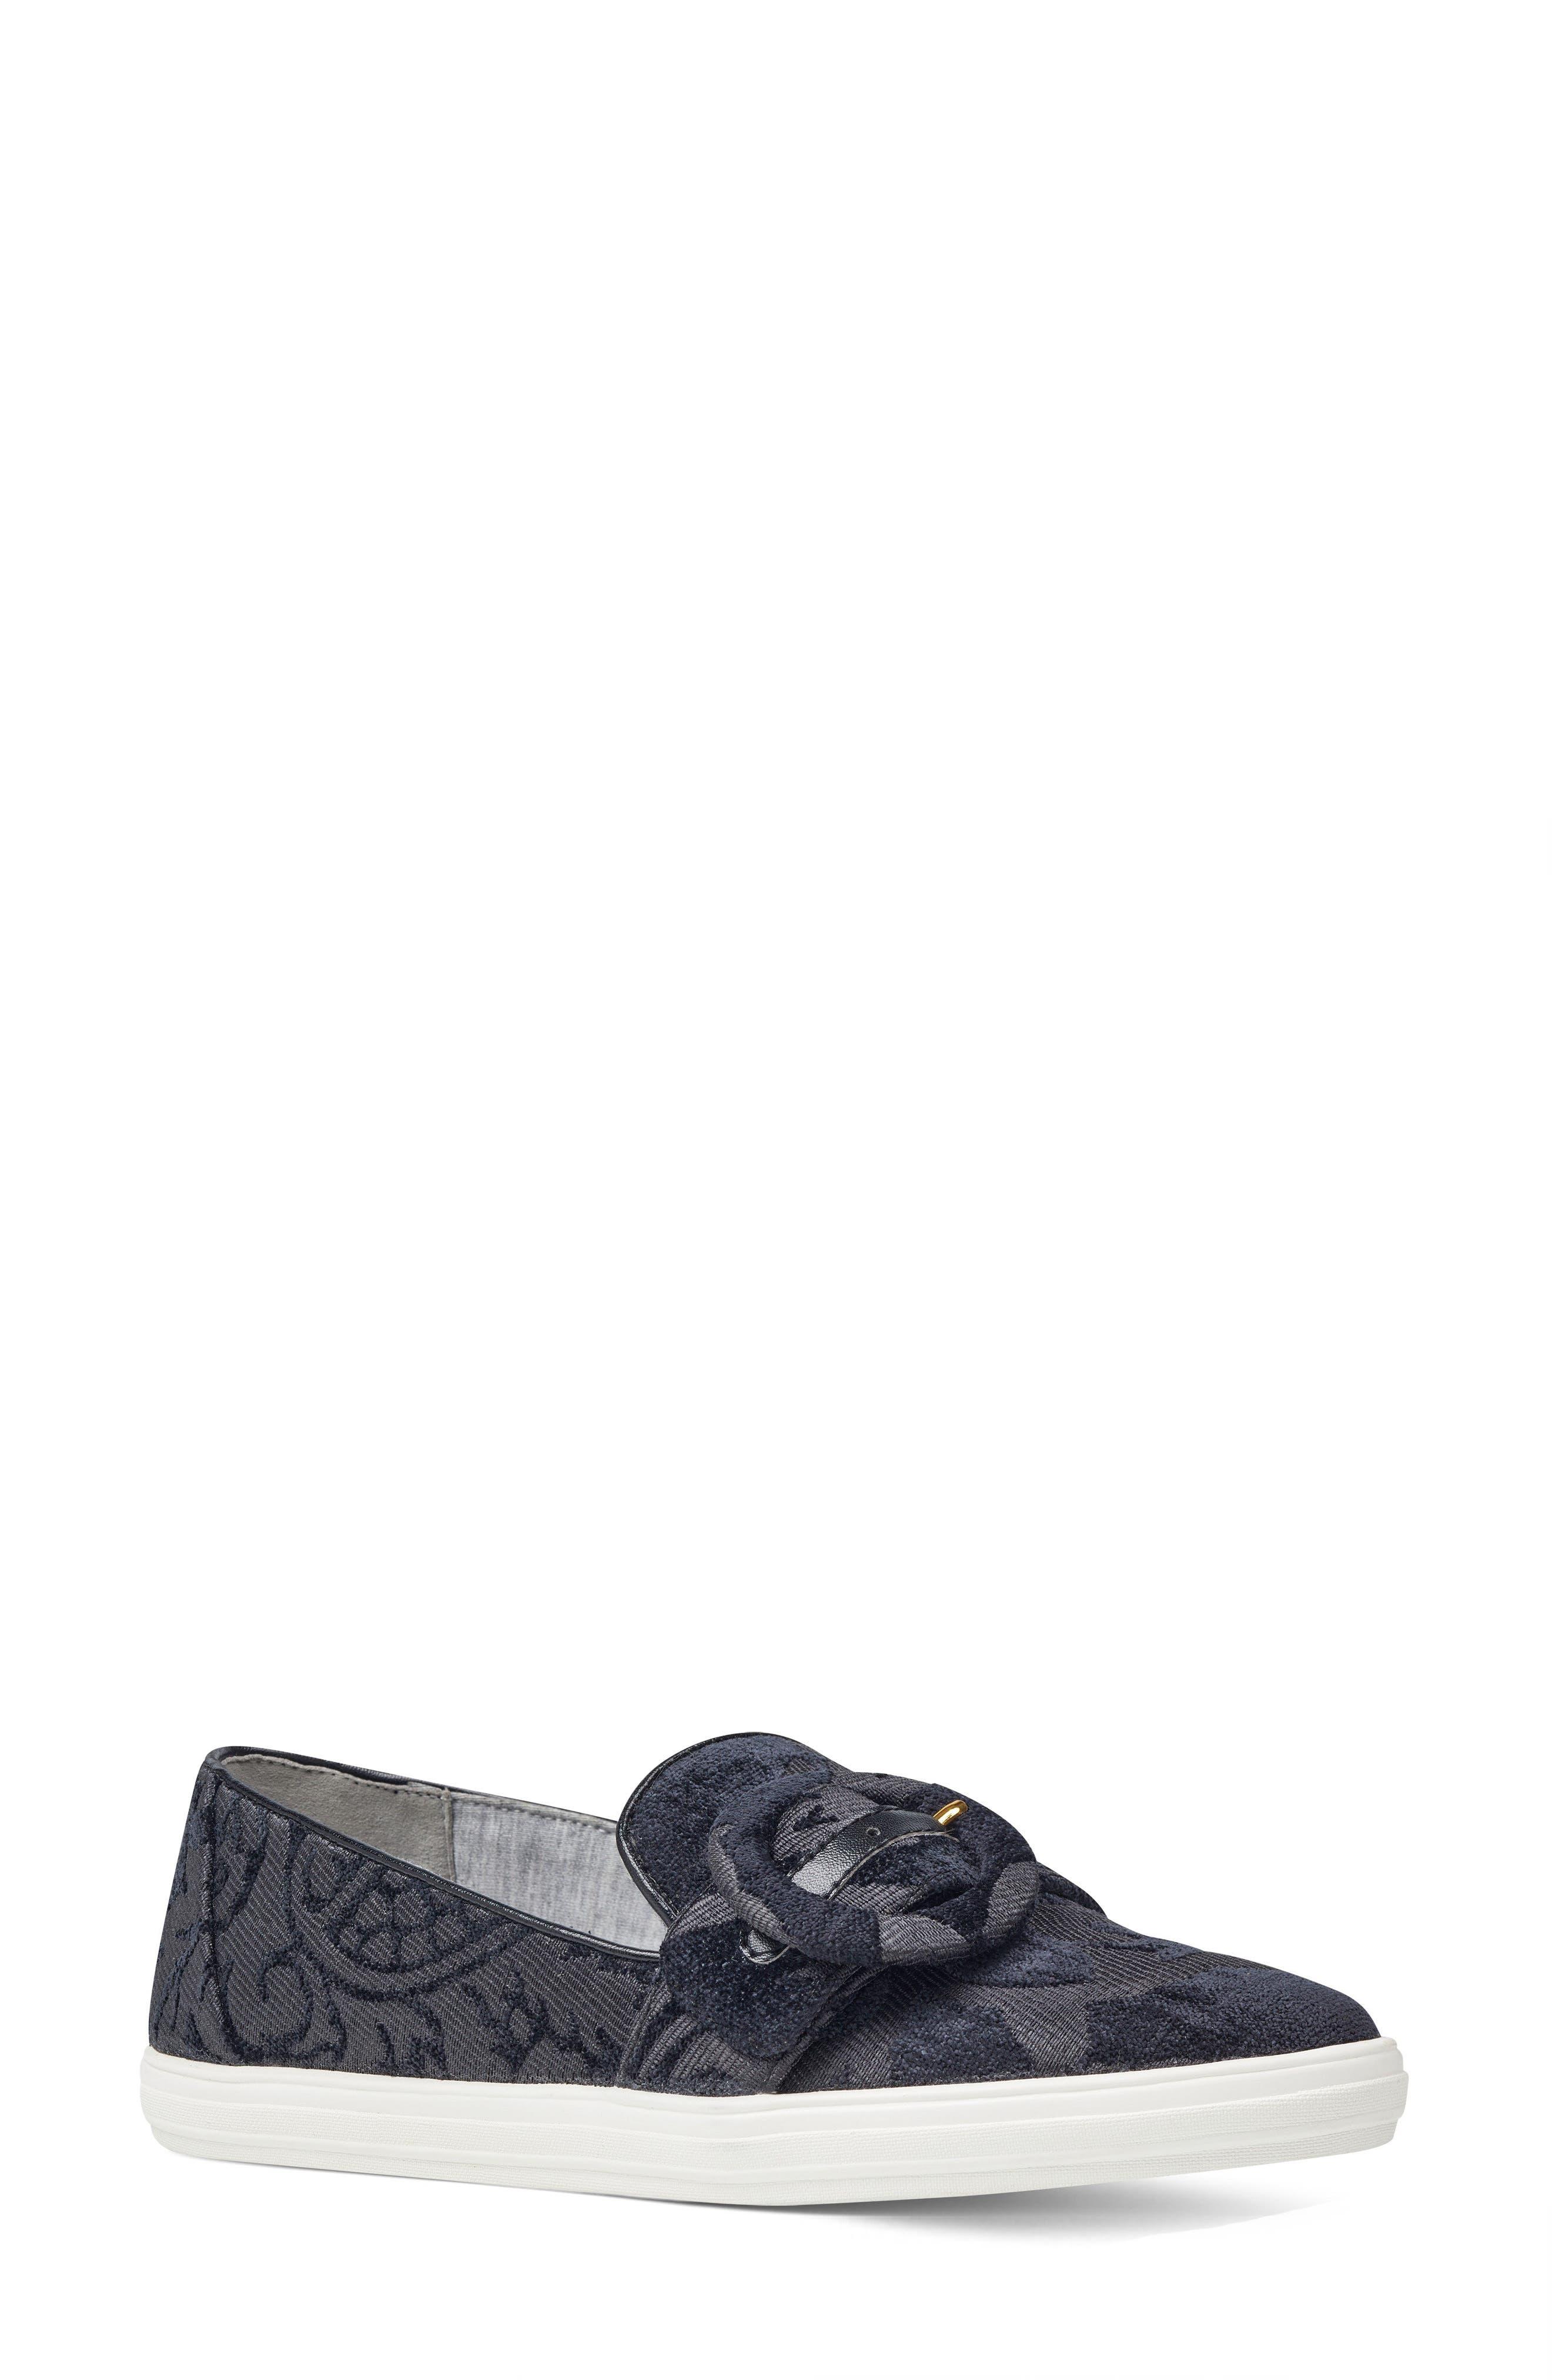 Nine West Shireene Slip-On Sneaker (Women)